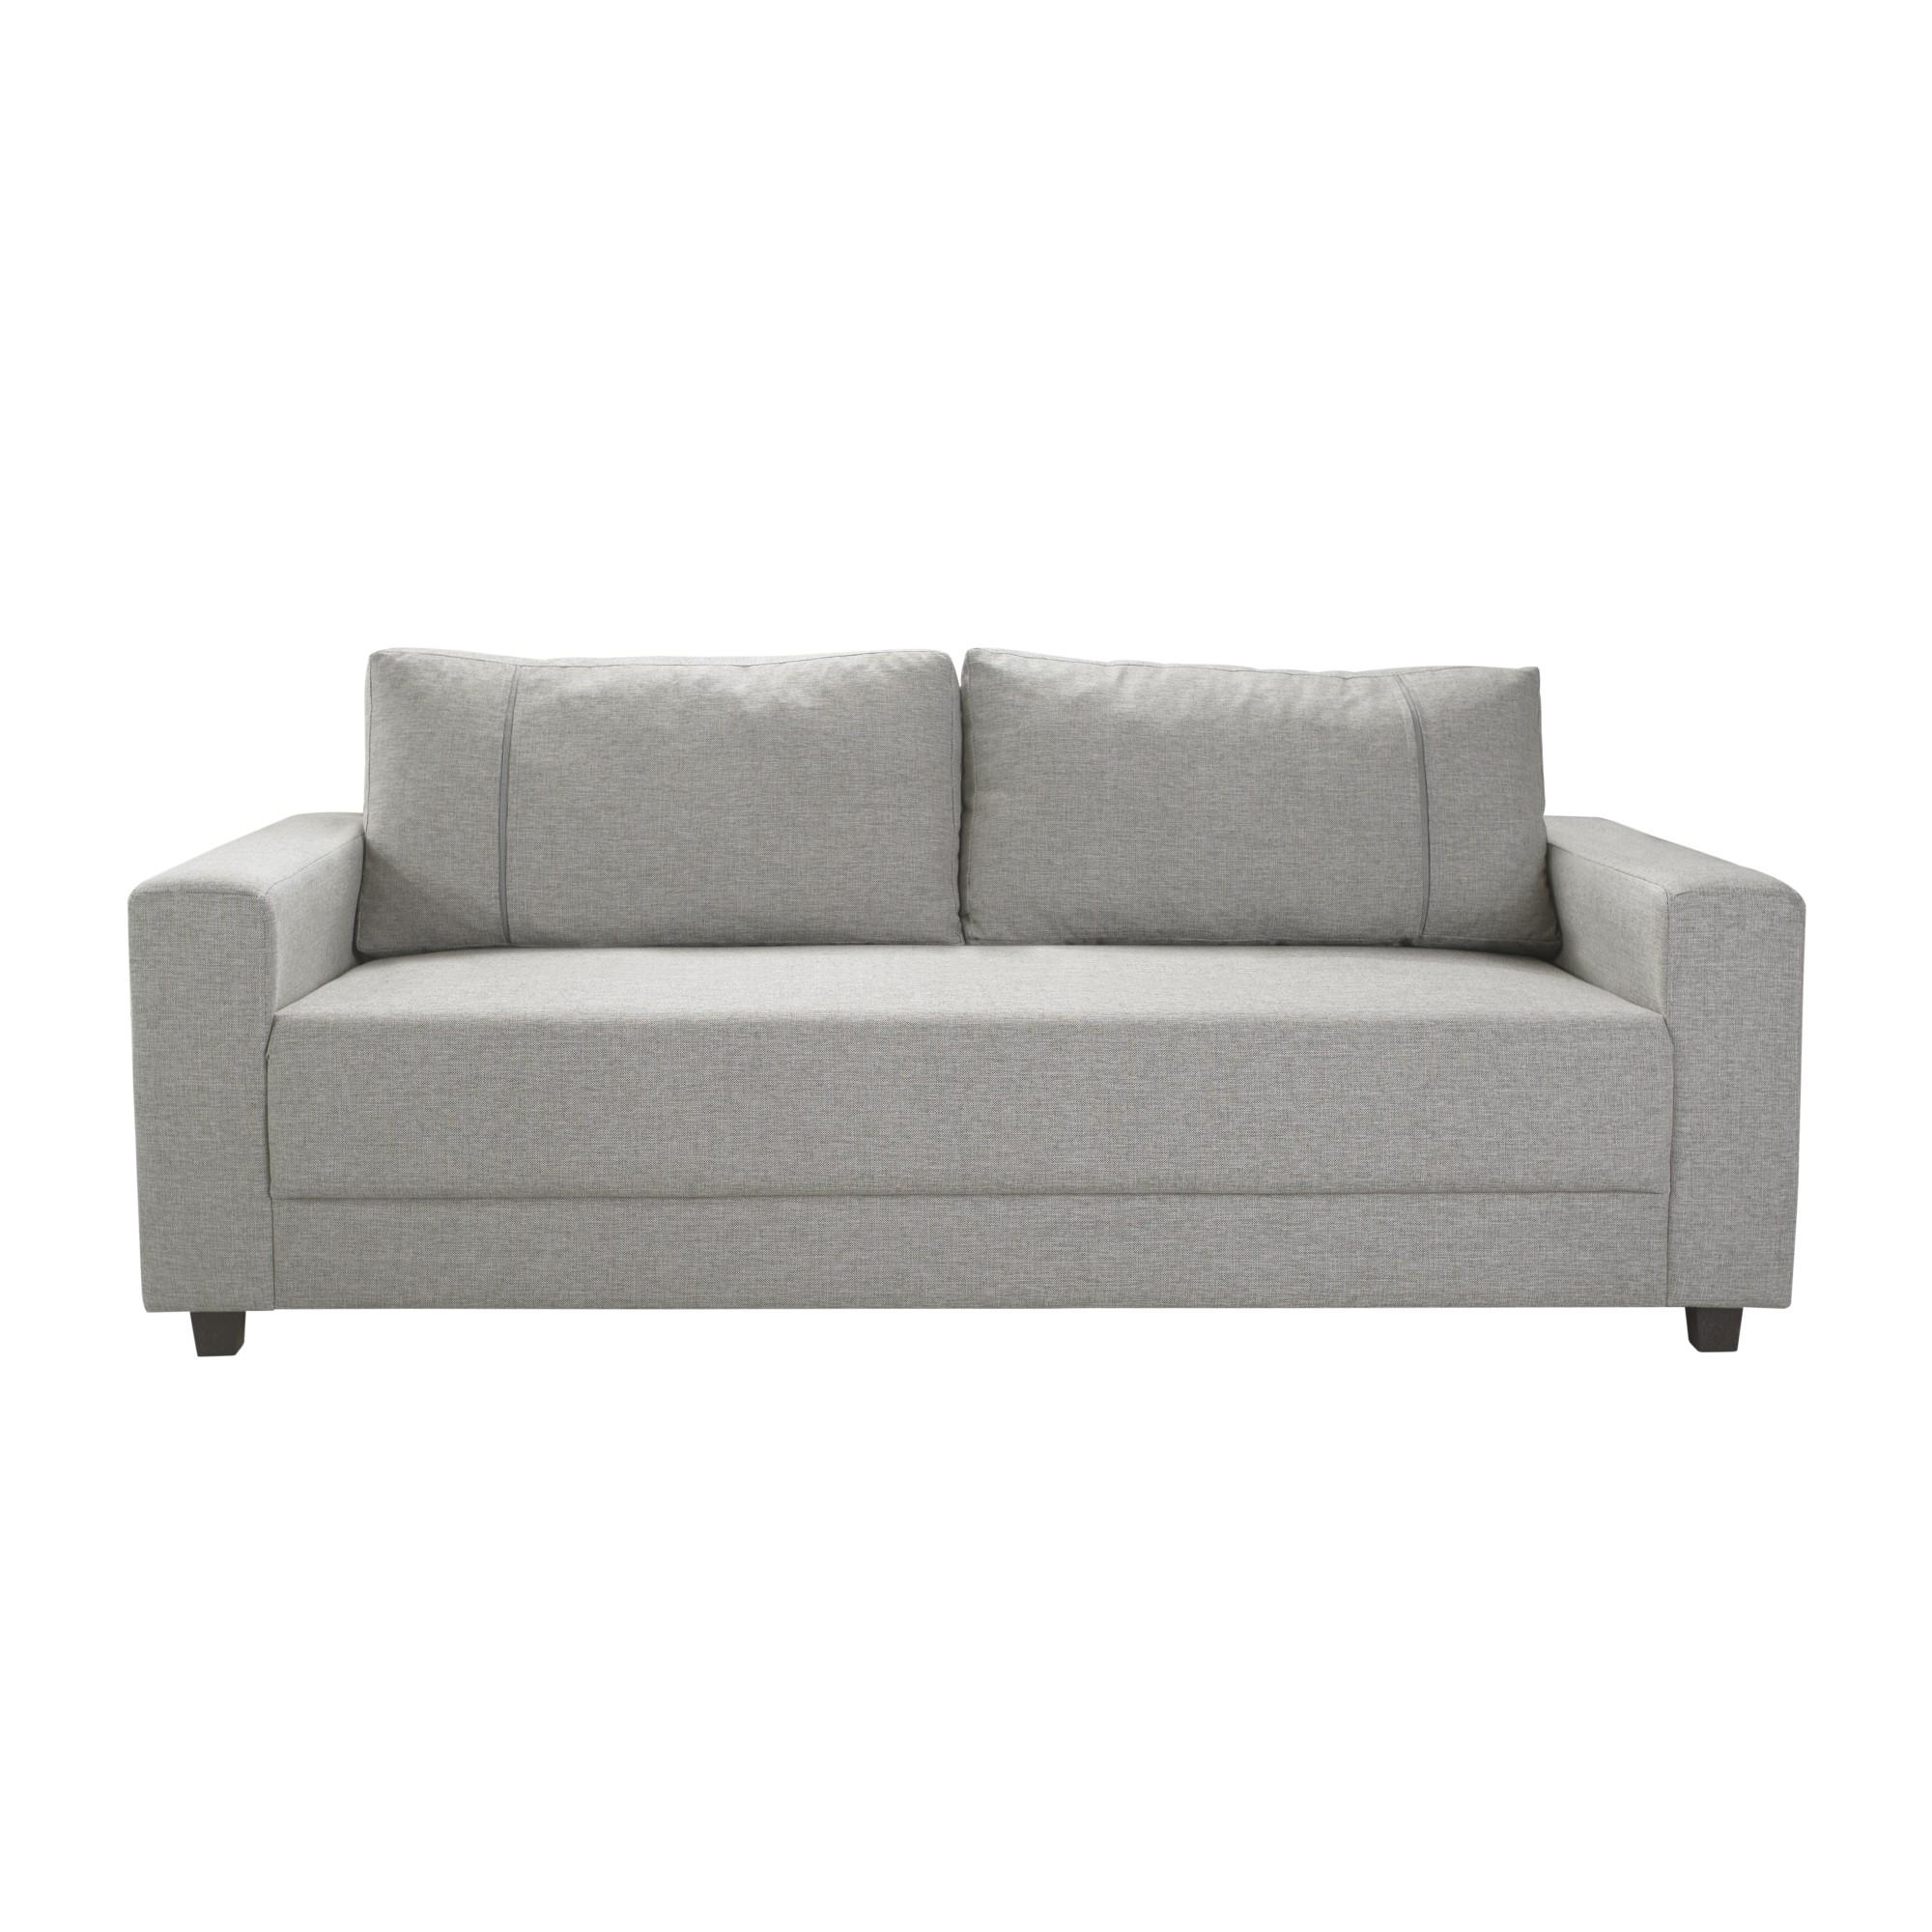 Sofa 3 Lugares Linho 200x85x87 Cinza - Herval